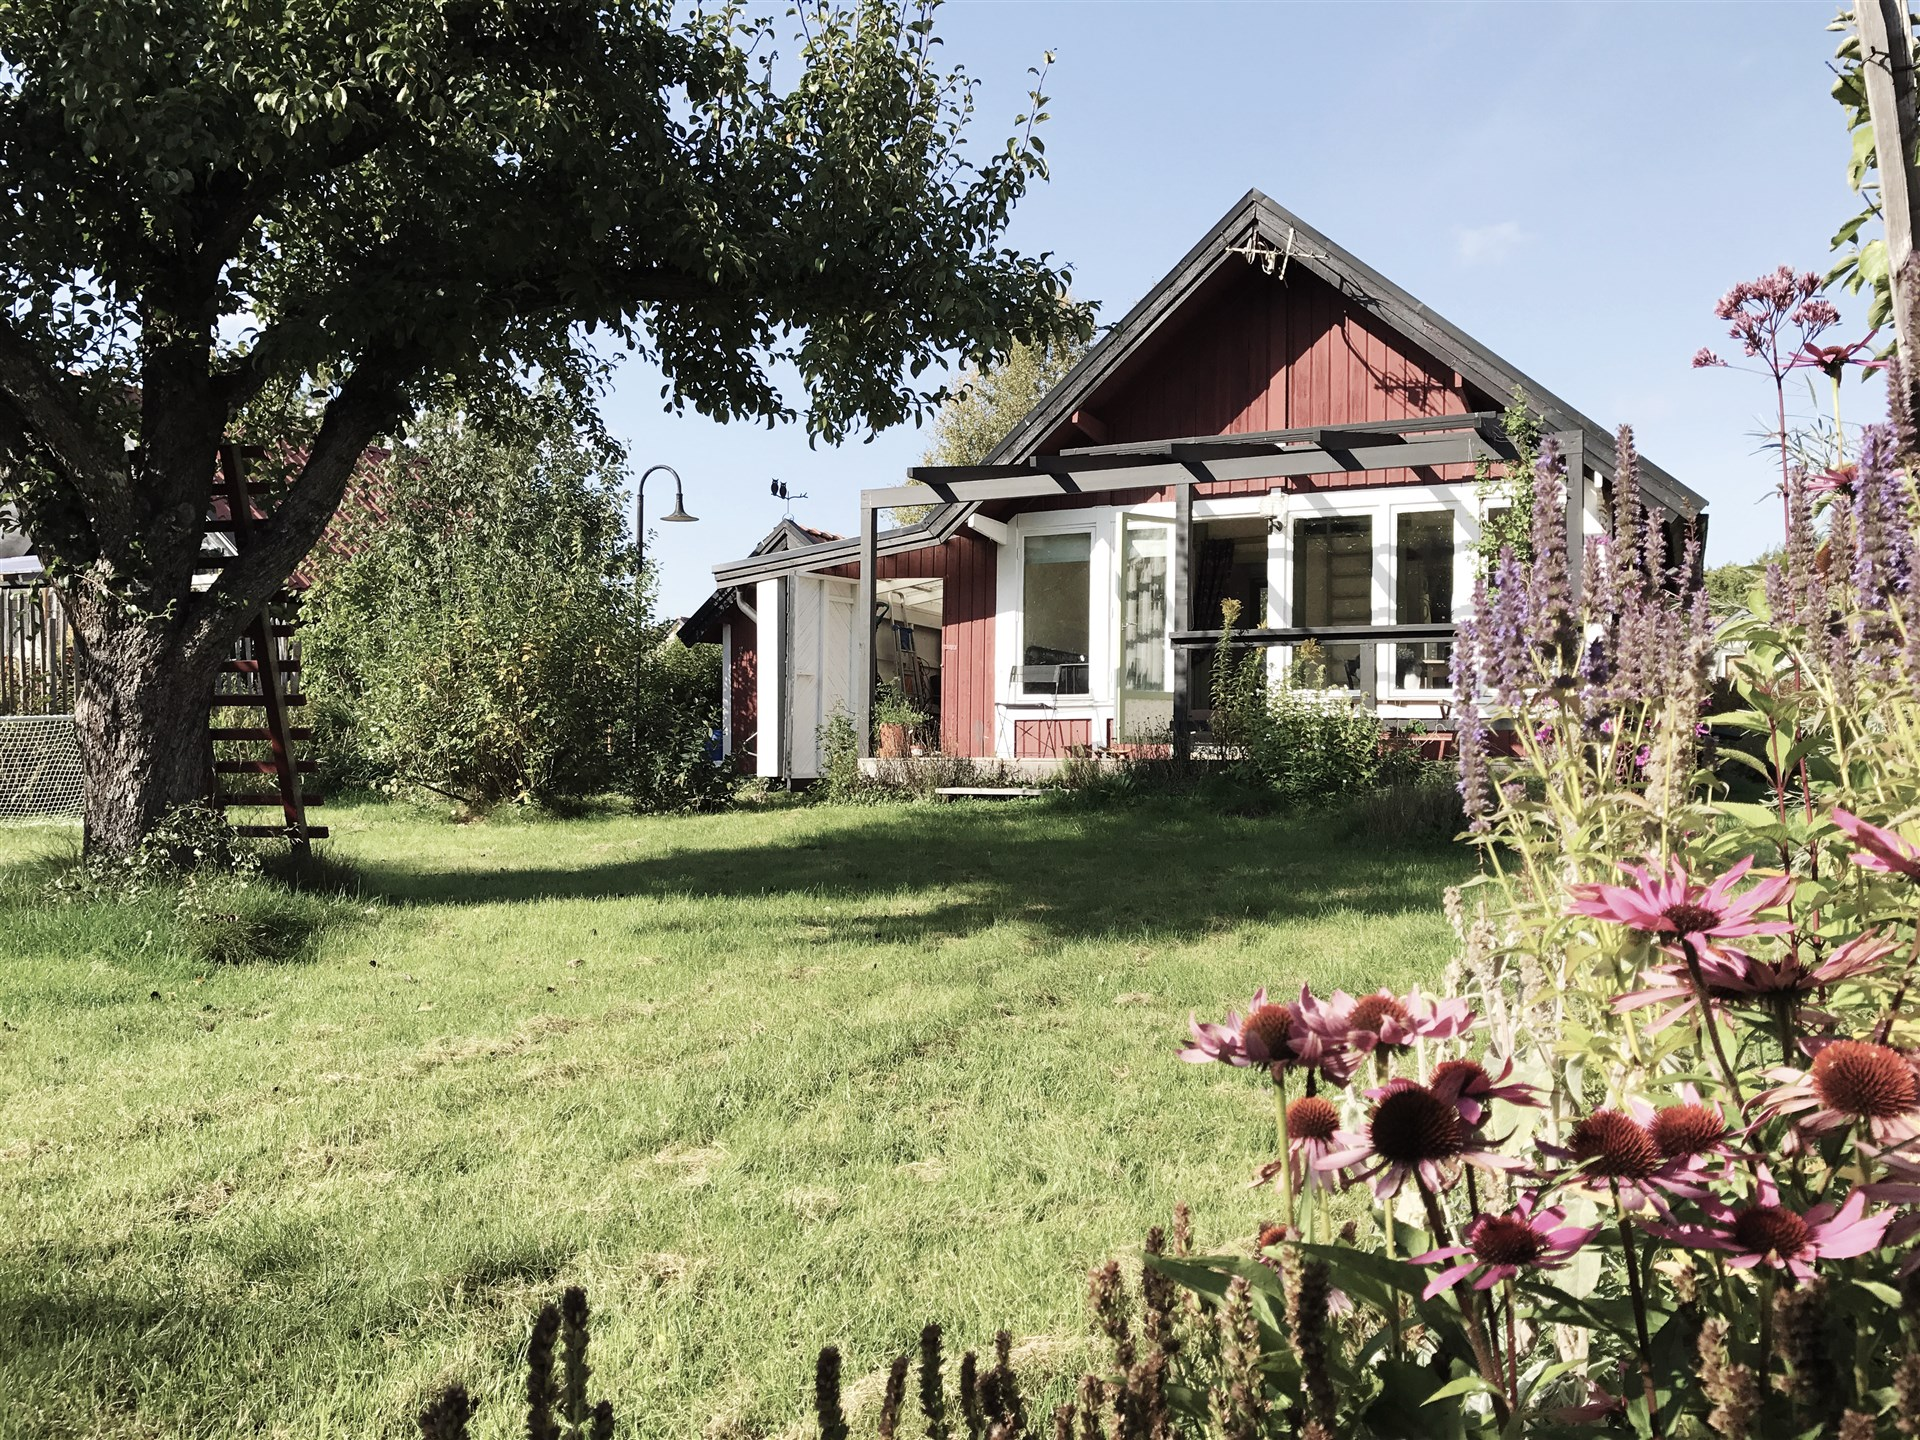 Huset i sin sommarskrud på husets baksida.